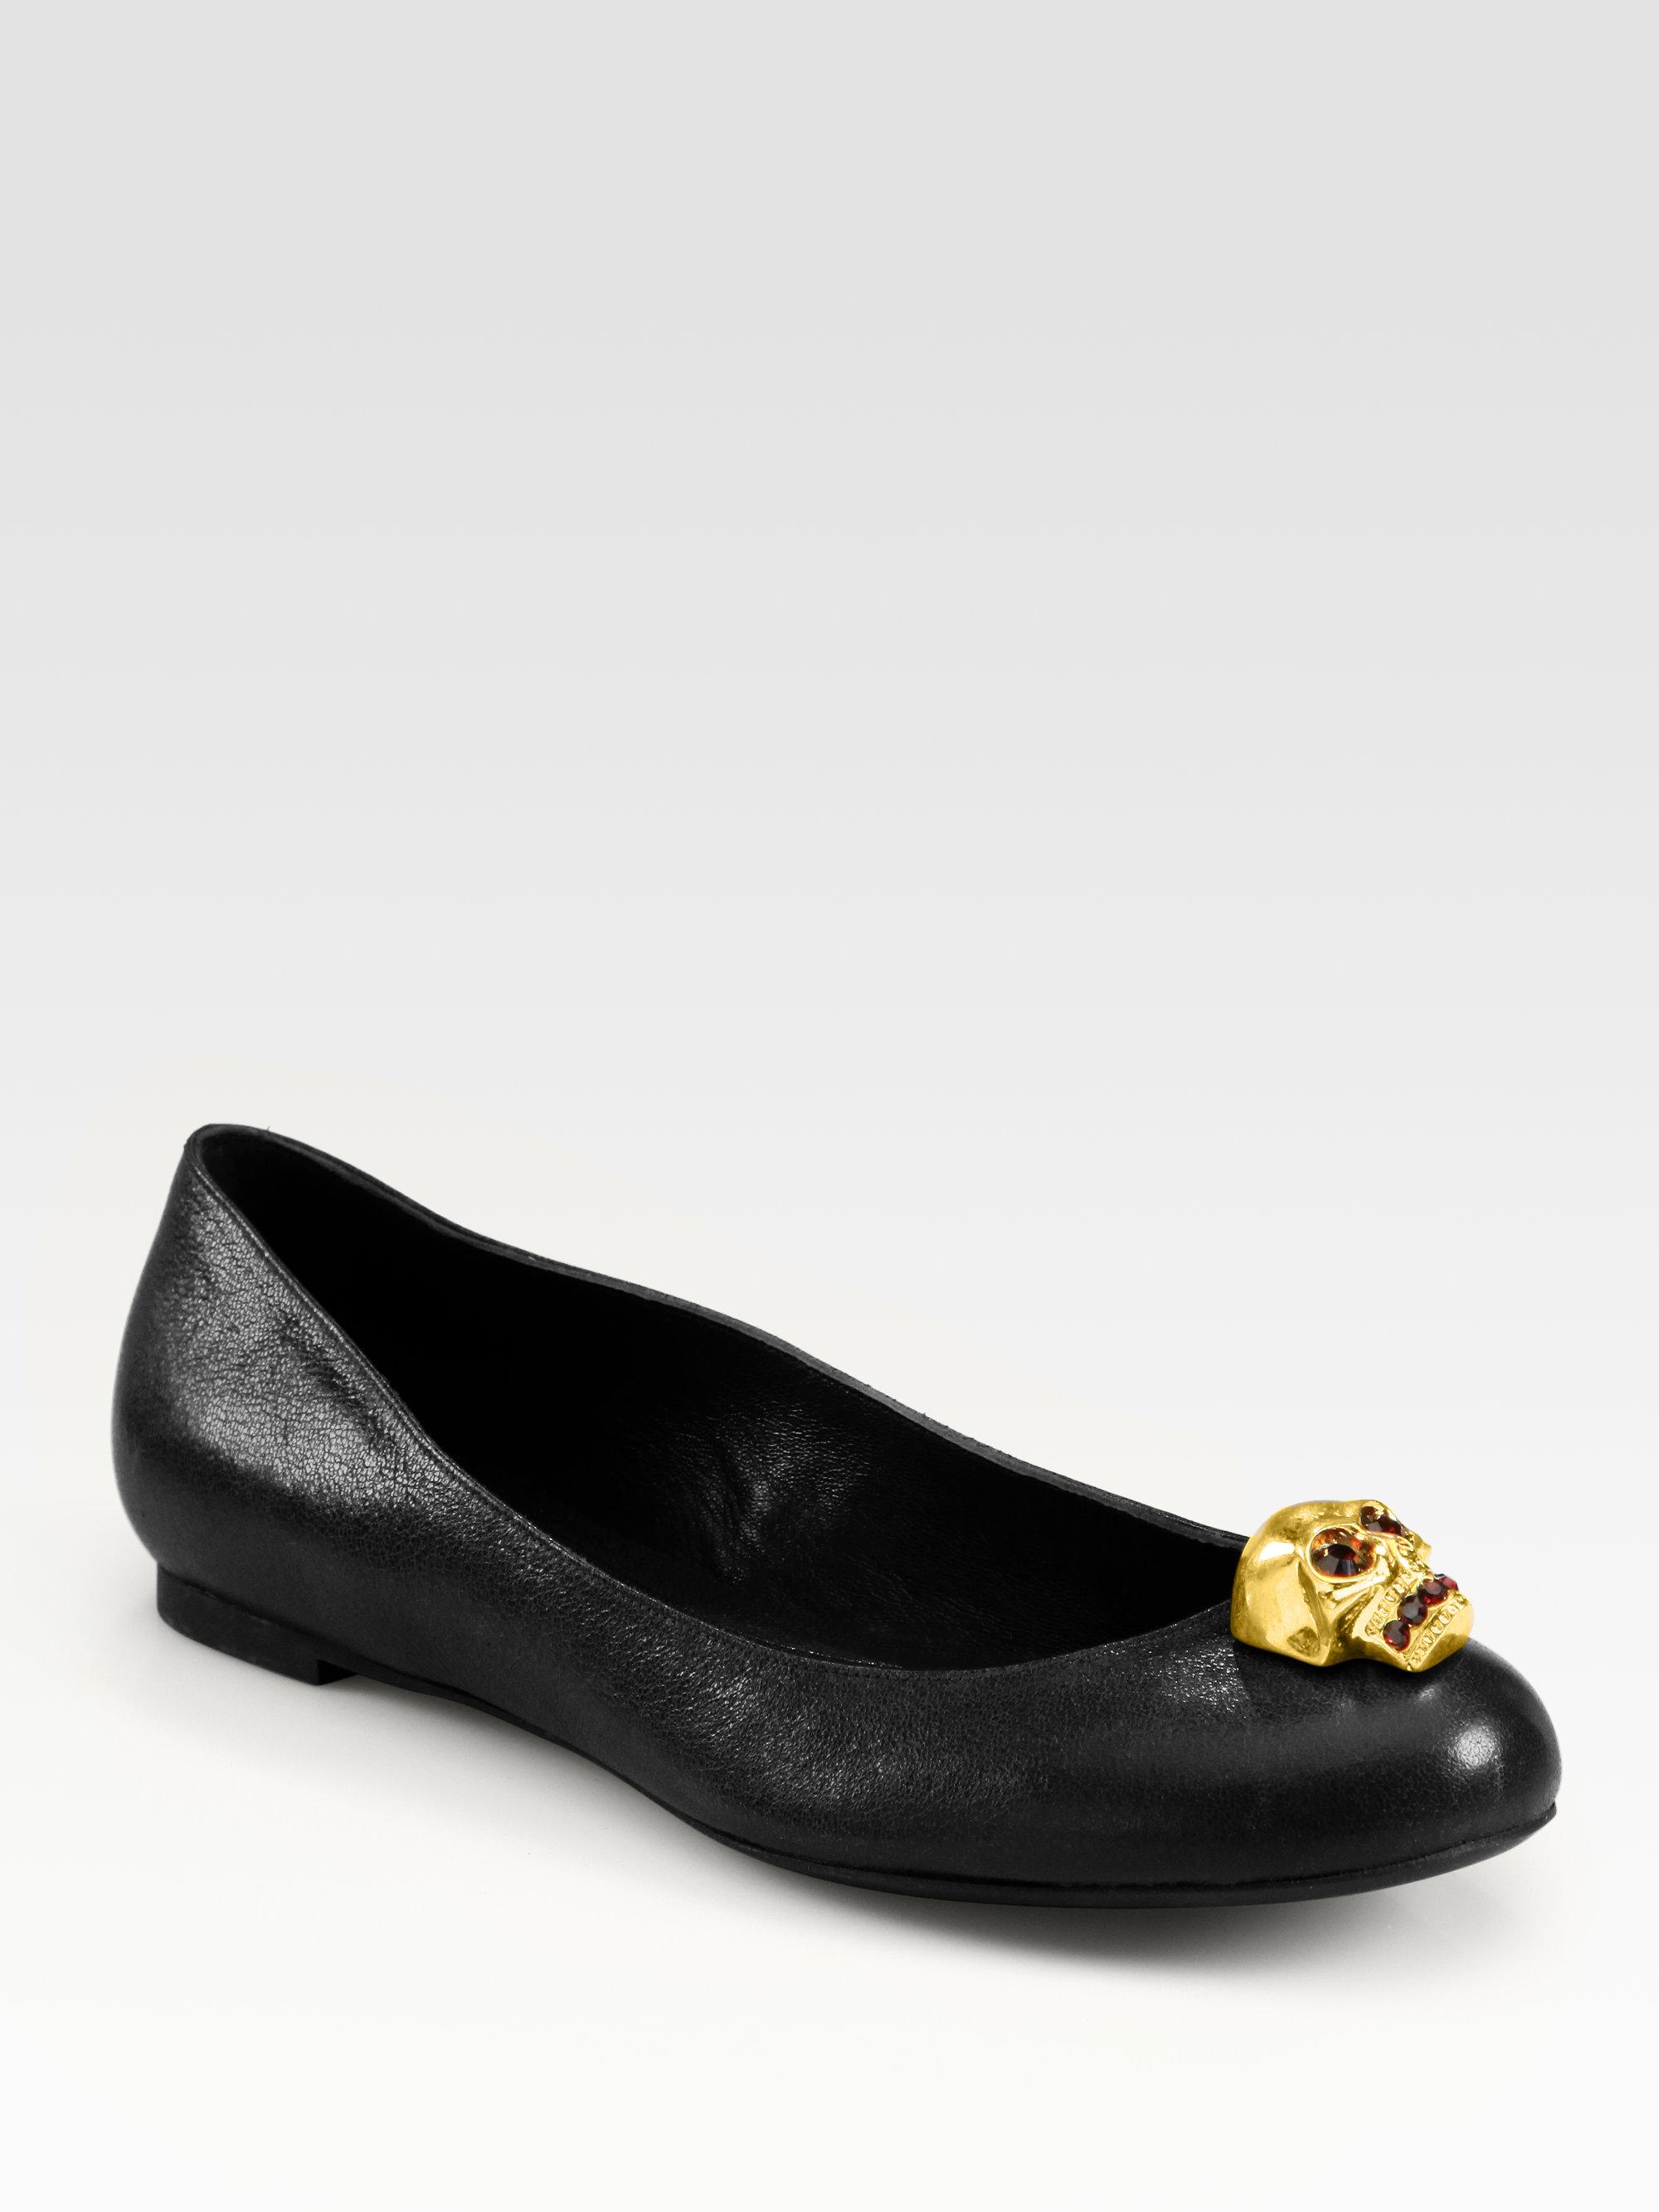 Alexander McQueen Leather Ballet Flats iuzWsD3Rtj